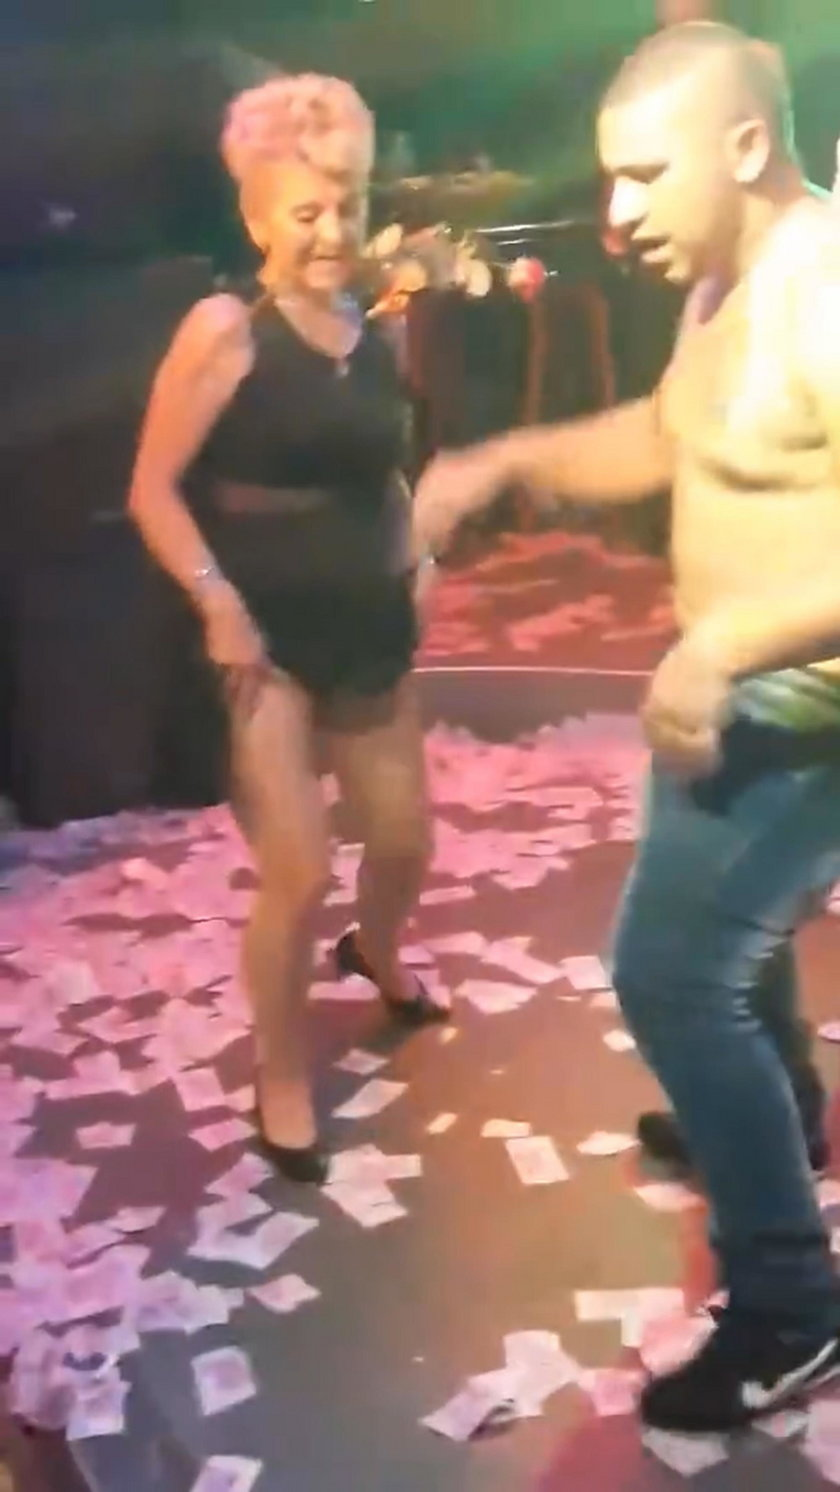 Bułgaria. Nauczycielka Daria Dimowa zatańczyła striptiz na szkolnej imprezie